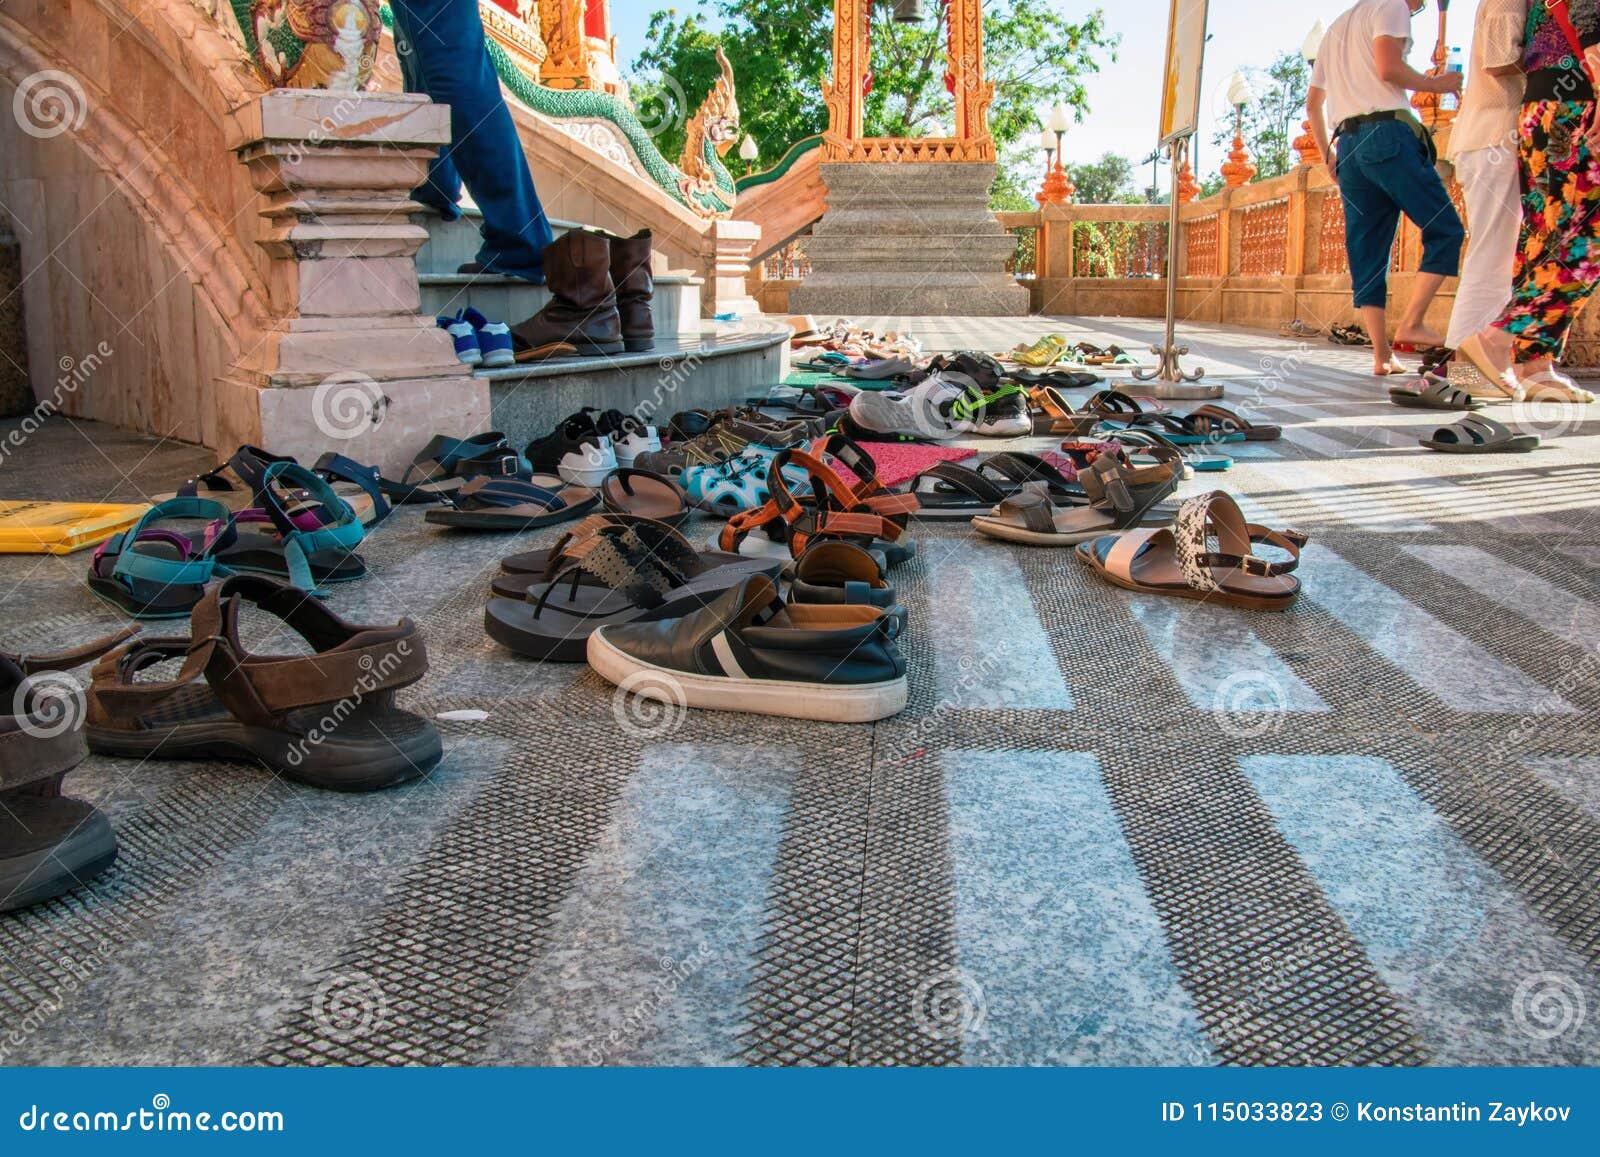 Παπούτσια που αφήνονται στην είσοδο στο βουδιστικό ναό Έννοια της παρατήρησης των παραδόσεων, της ανοχής, της ευγνωμοσύνης και το